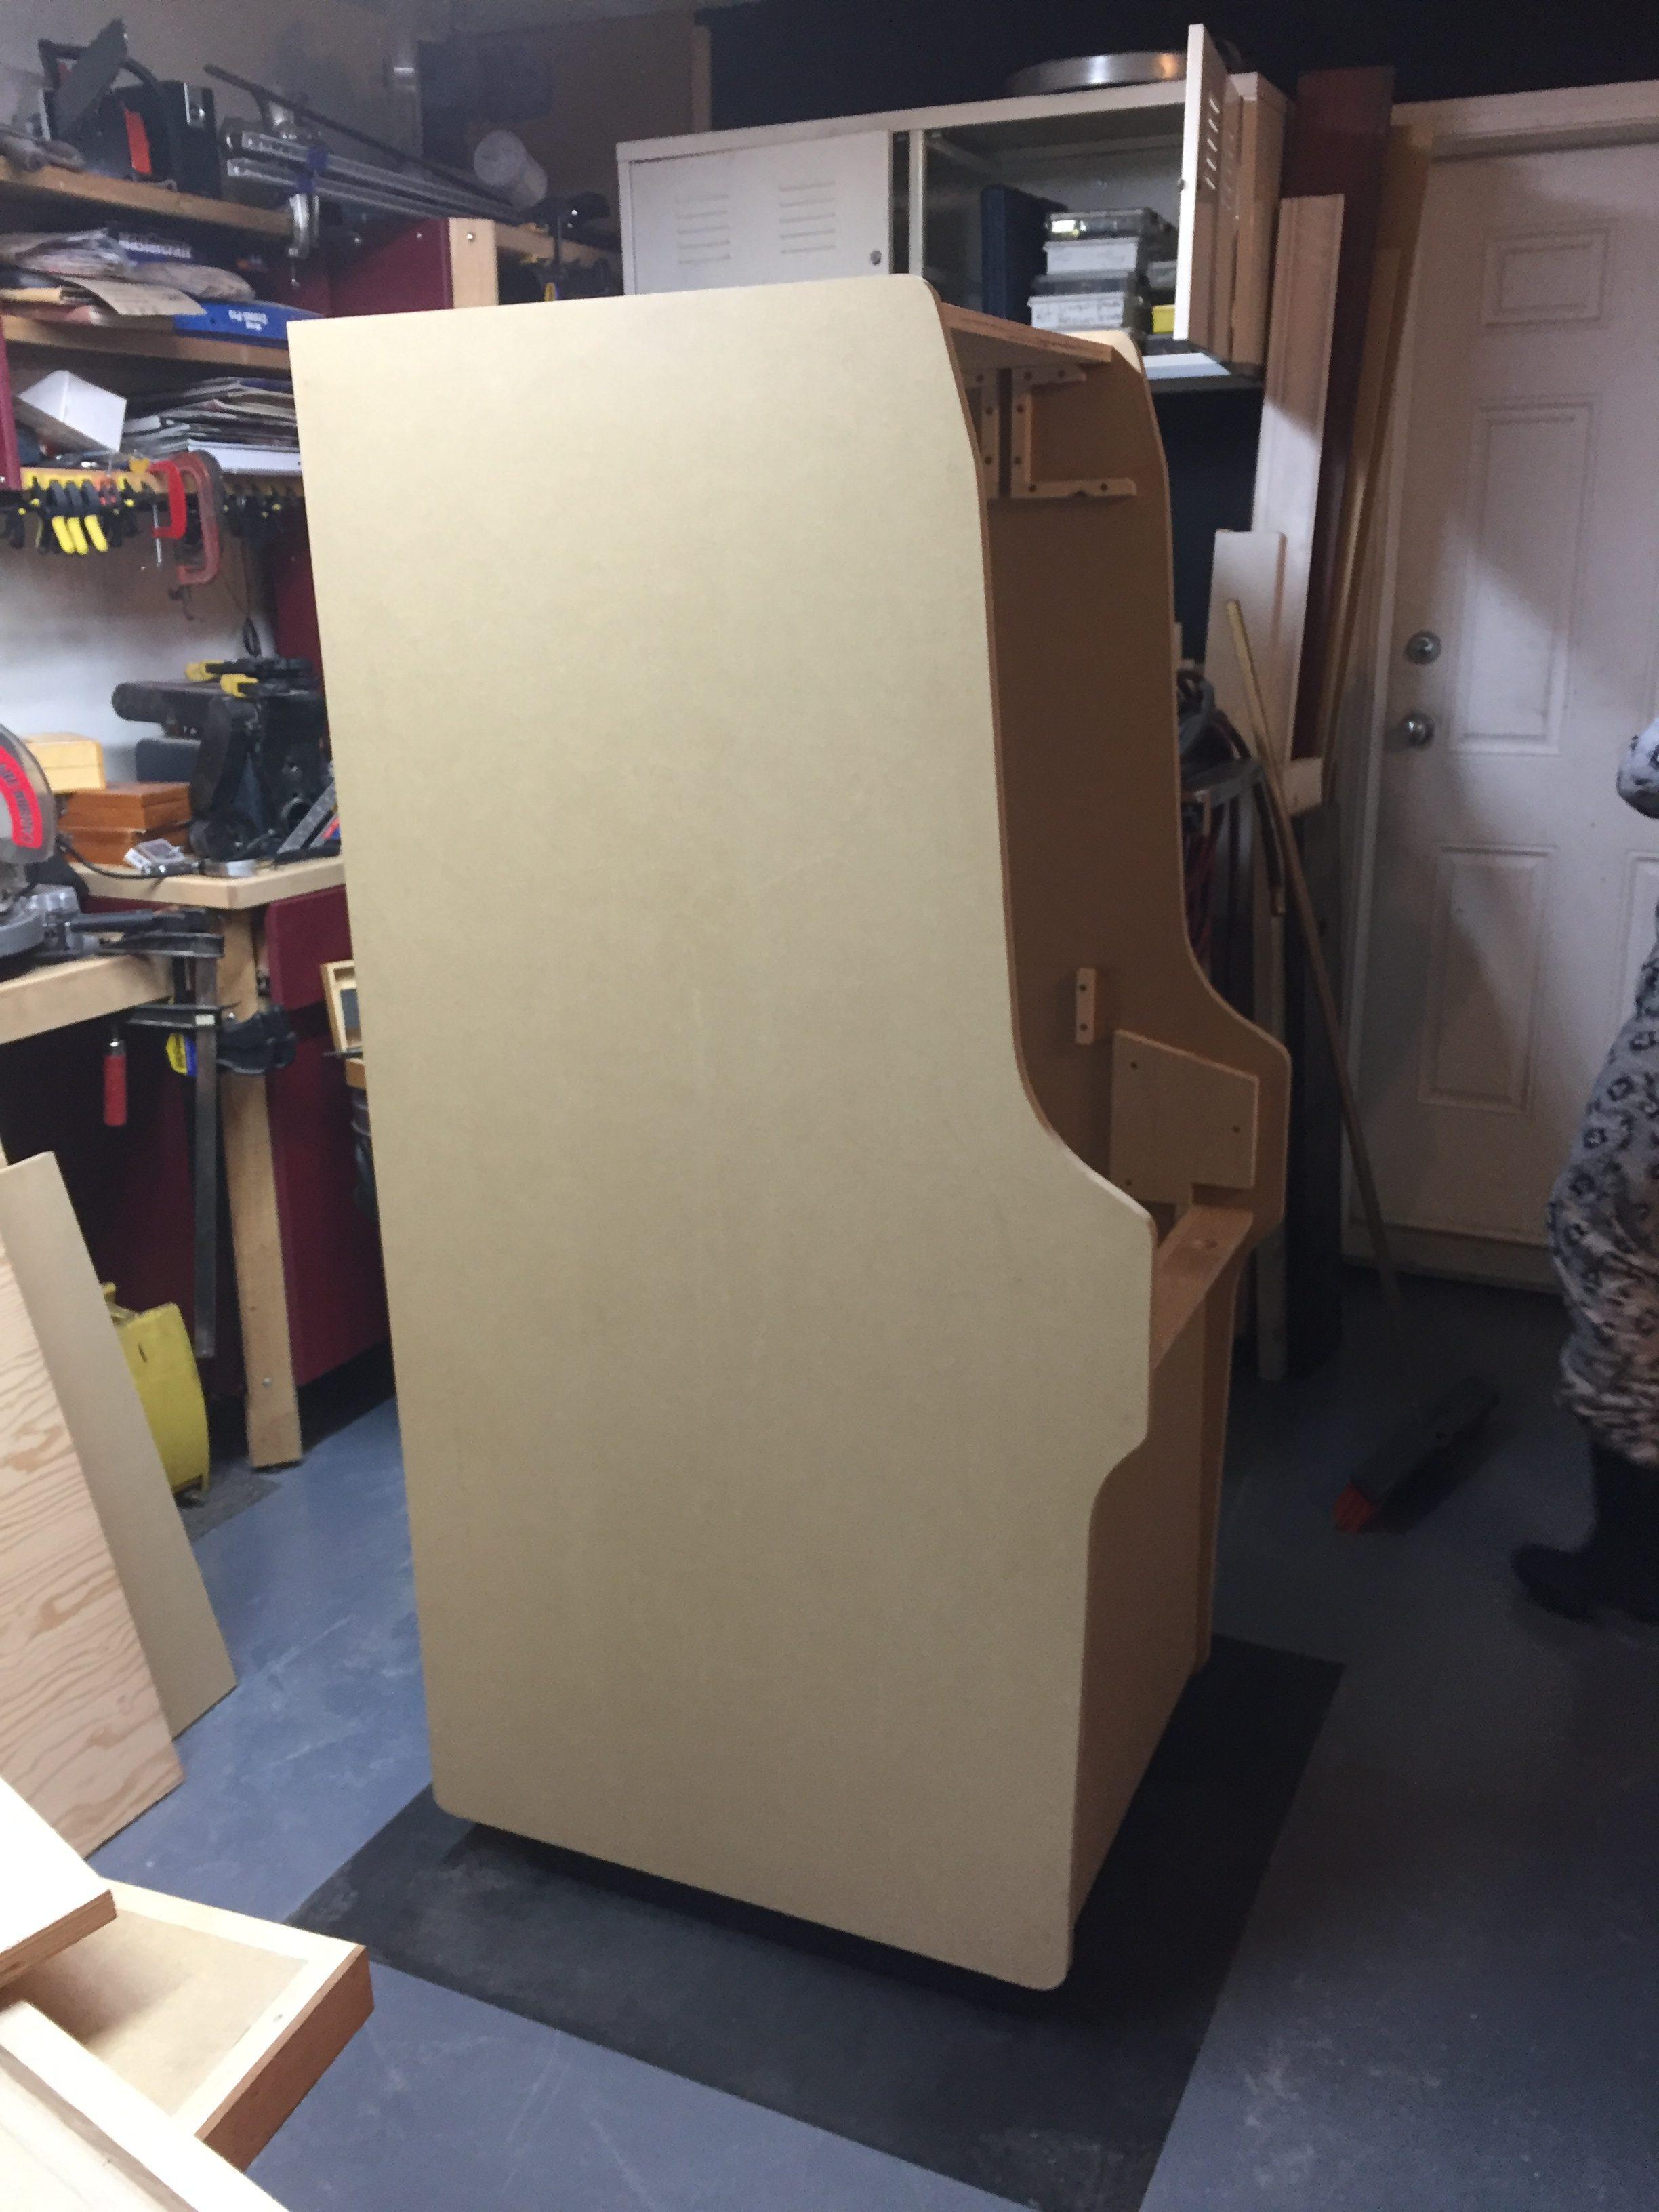 Donkey Kong Arcade Machine - Upright Side View